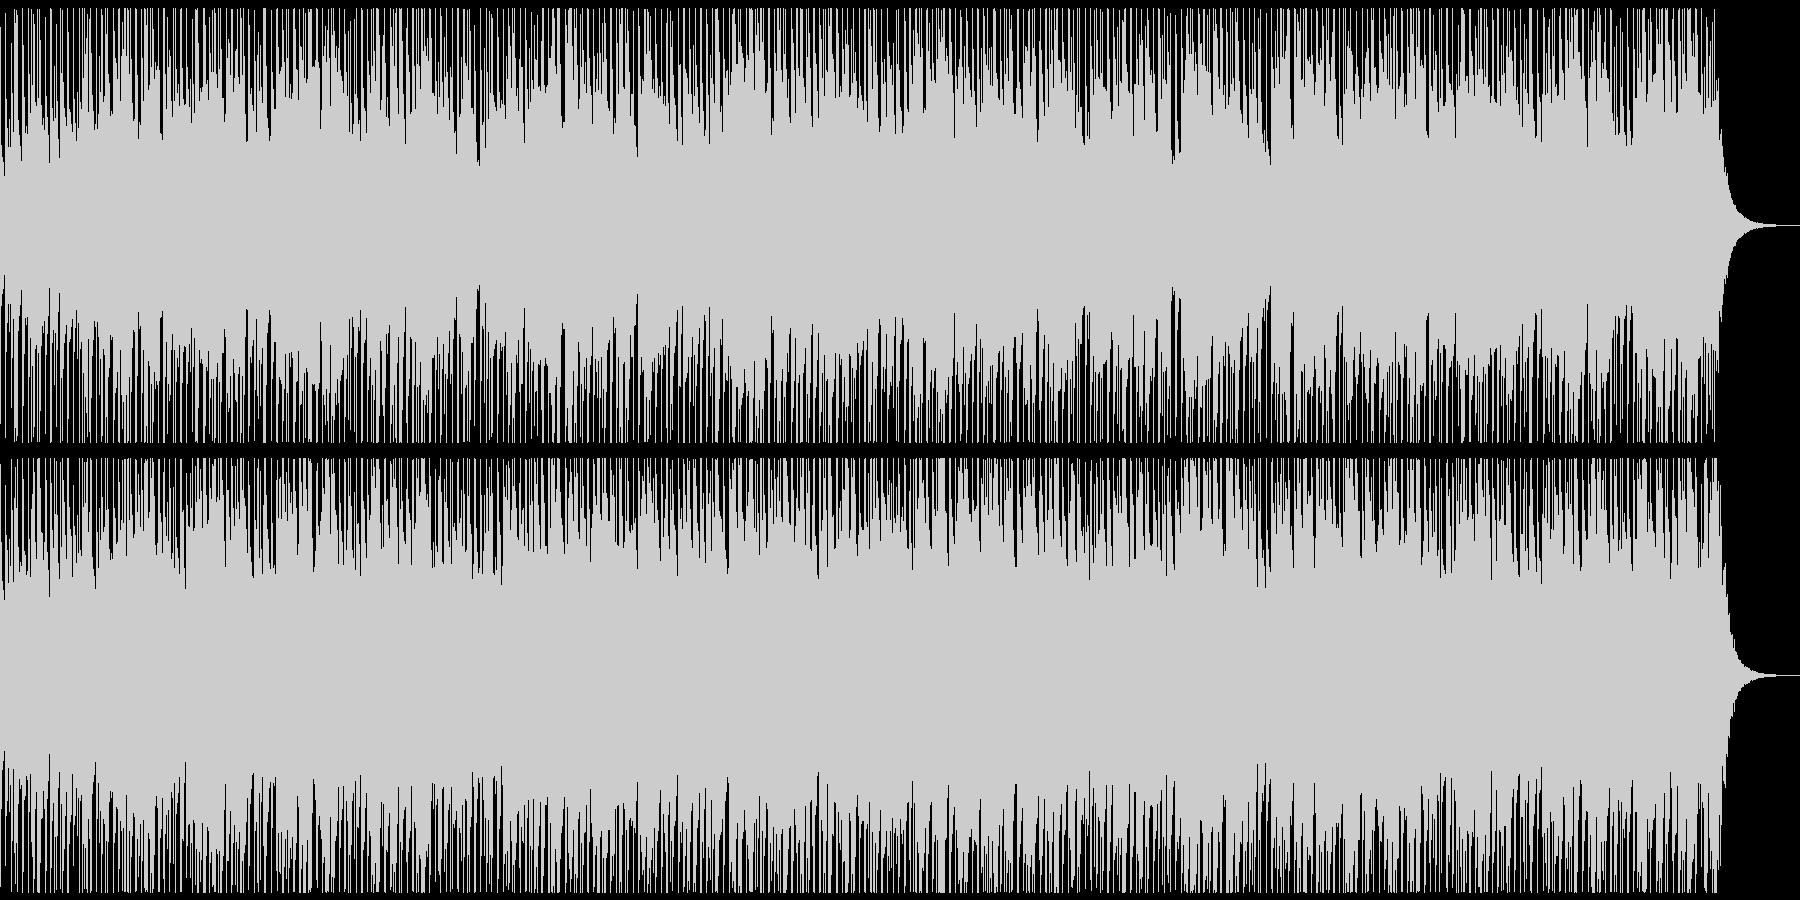 キャッチーで明るいウクレレポップの未再生の波形